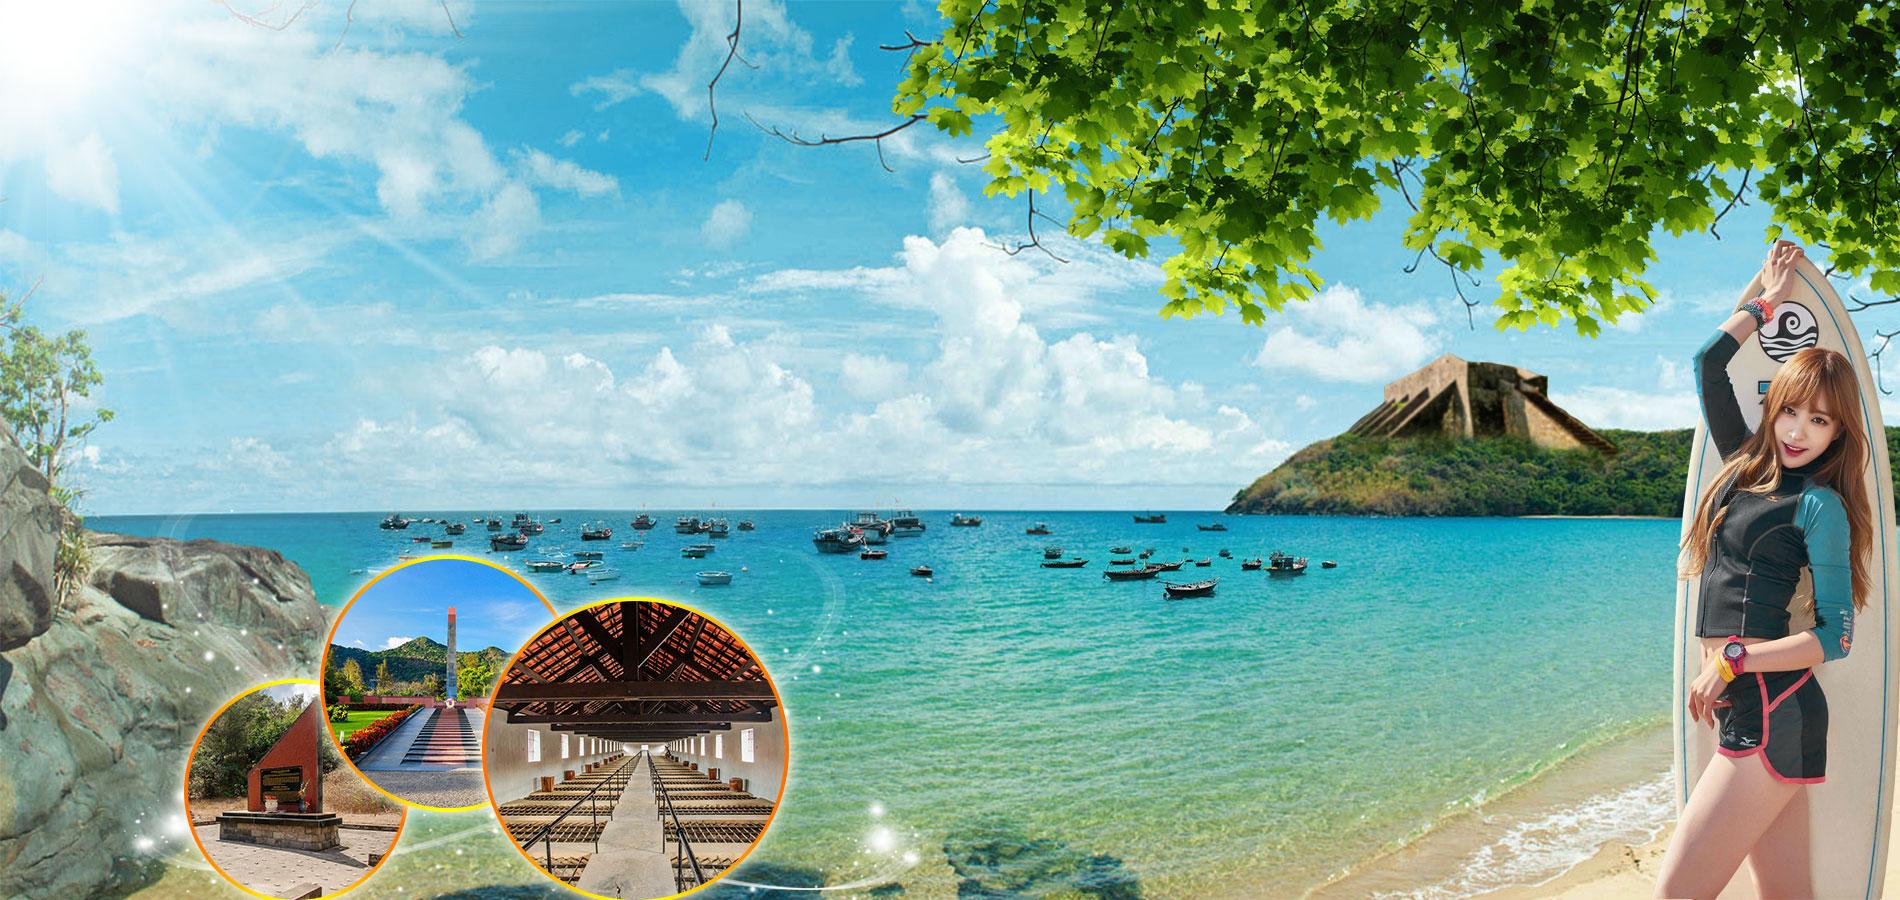 Kết quả hình ảnh cho du lịch côn đảo